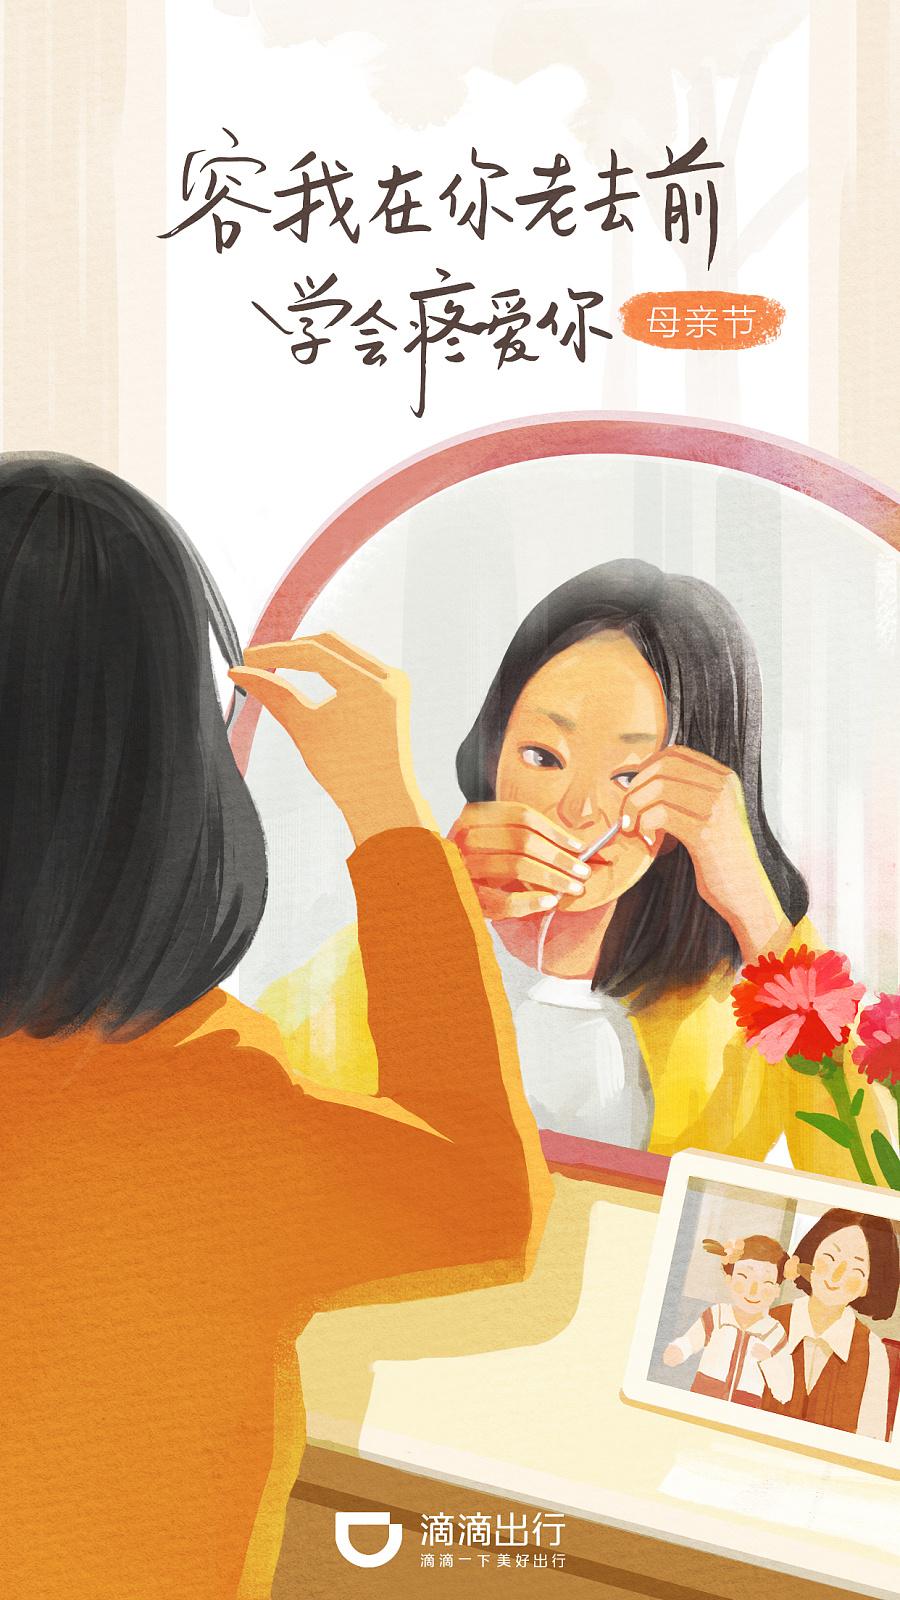 【母亲节】手绘滴滴出行开屏设计|商业插画|插画|nan